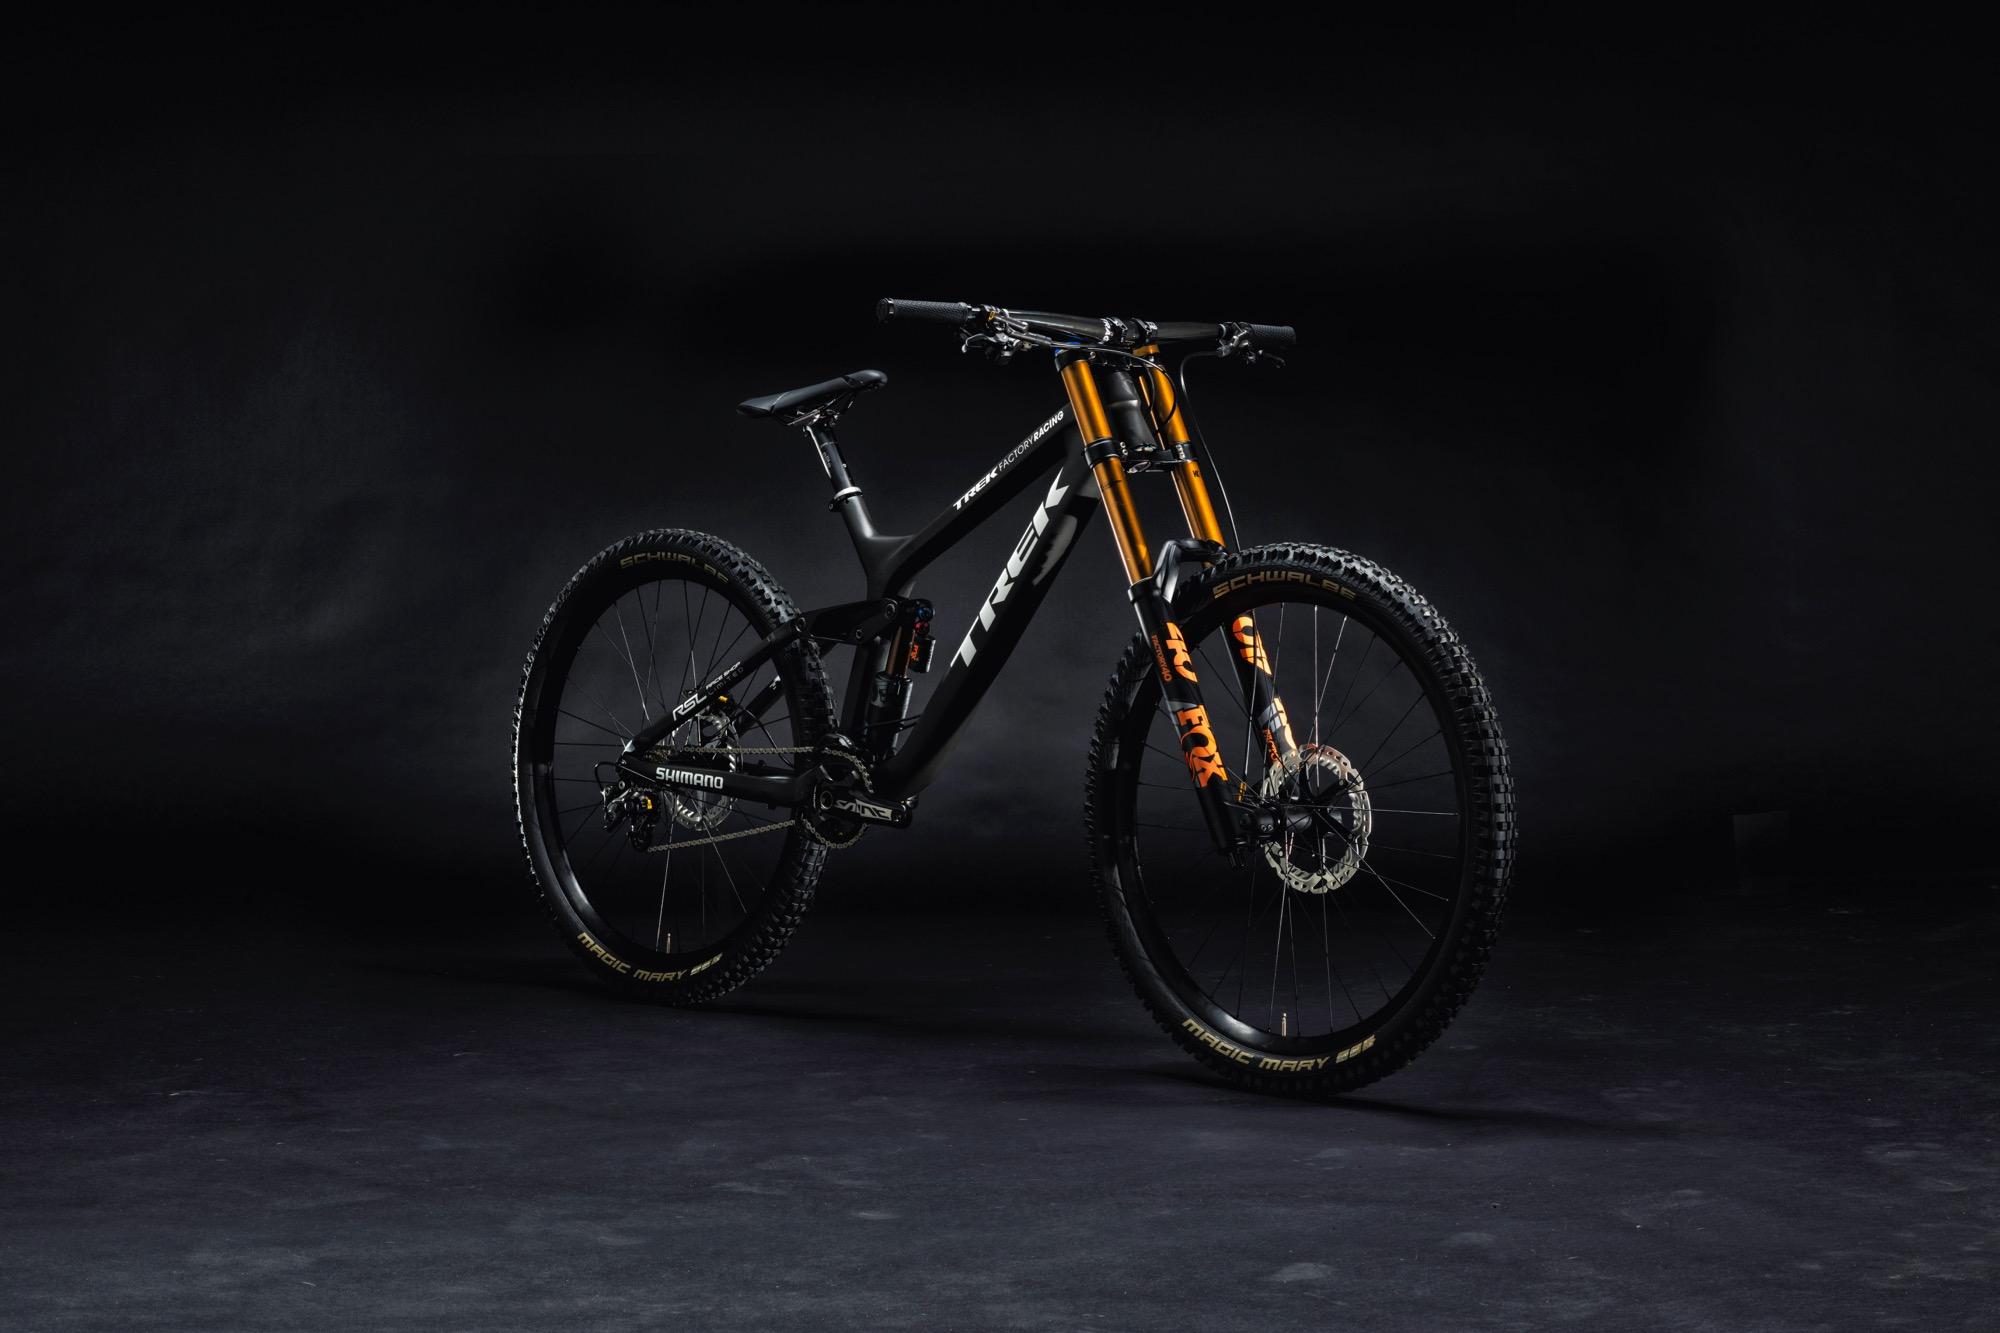 e01c88643ef Trek Announces New 29er Session 9.9 DH Bike - Singletracks Mountain ...